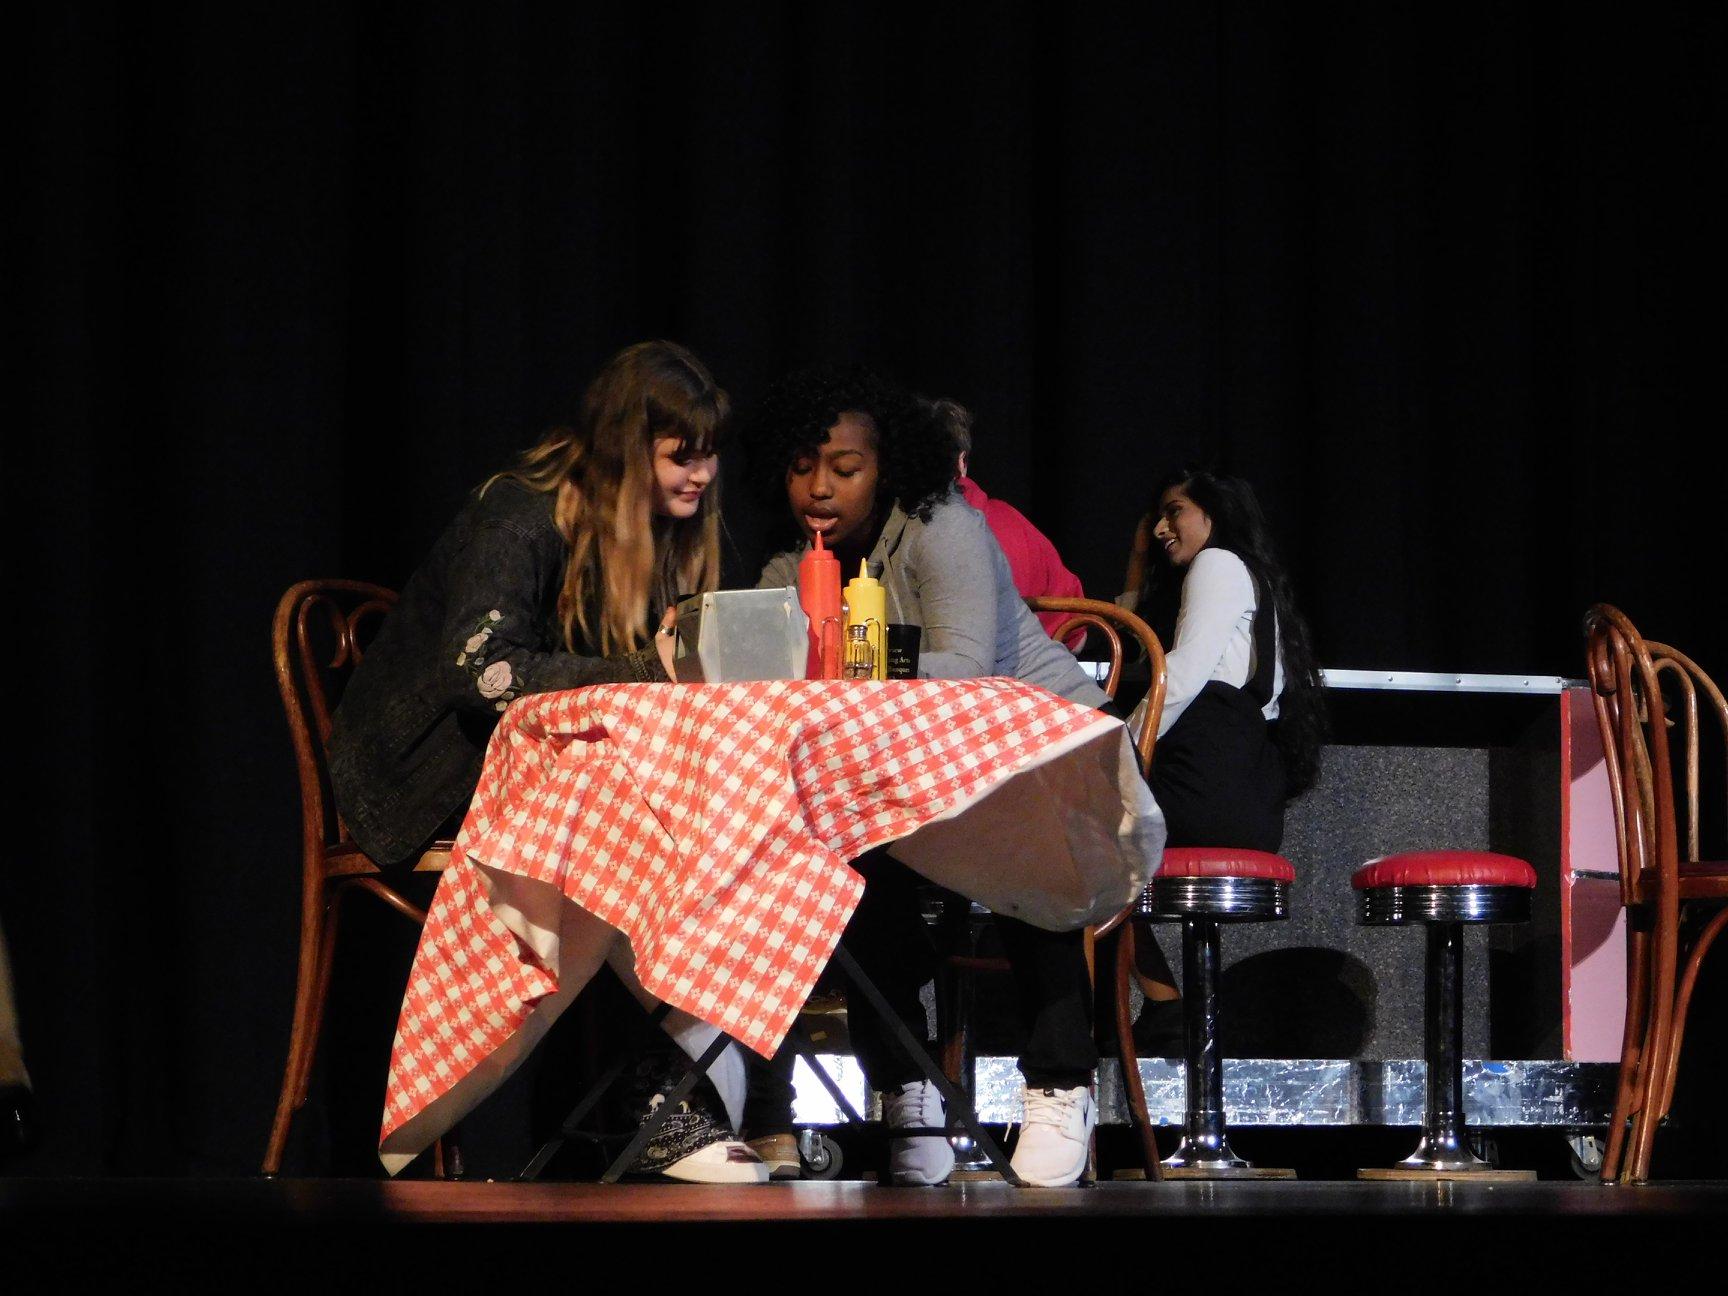 Diner Scene on Stage